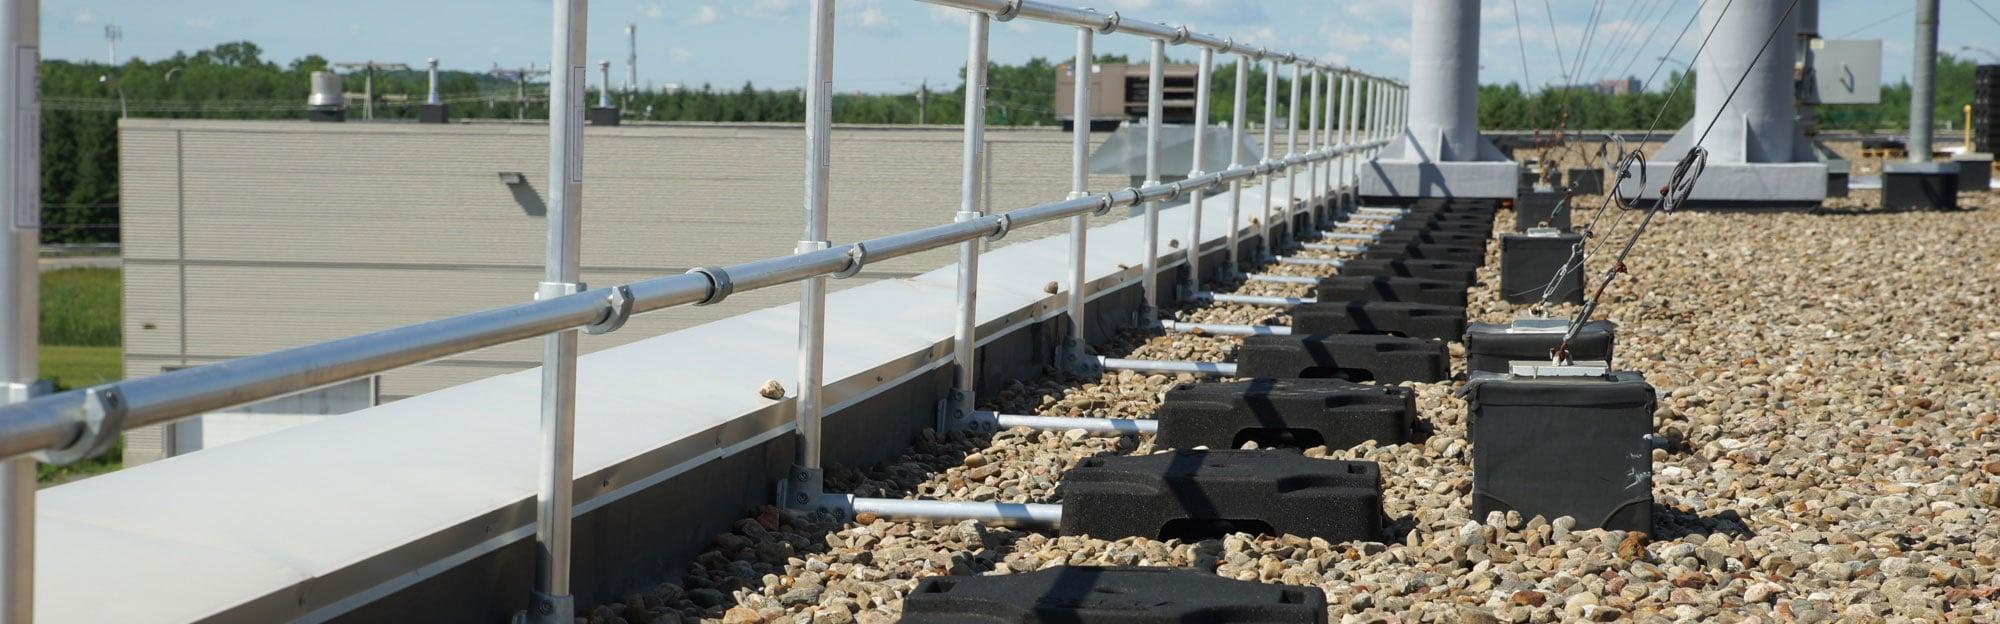 éco-versatile base en caoutchouc recyclé brevetée